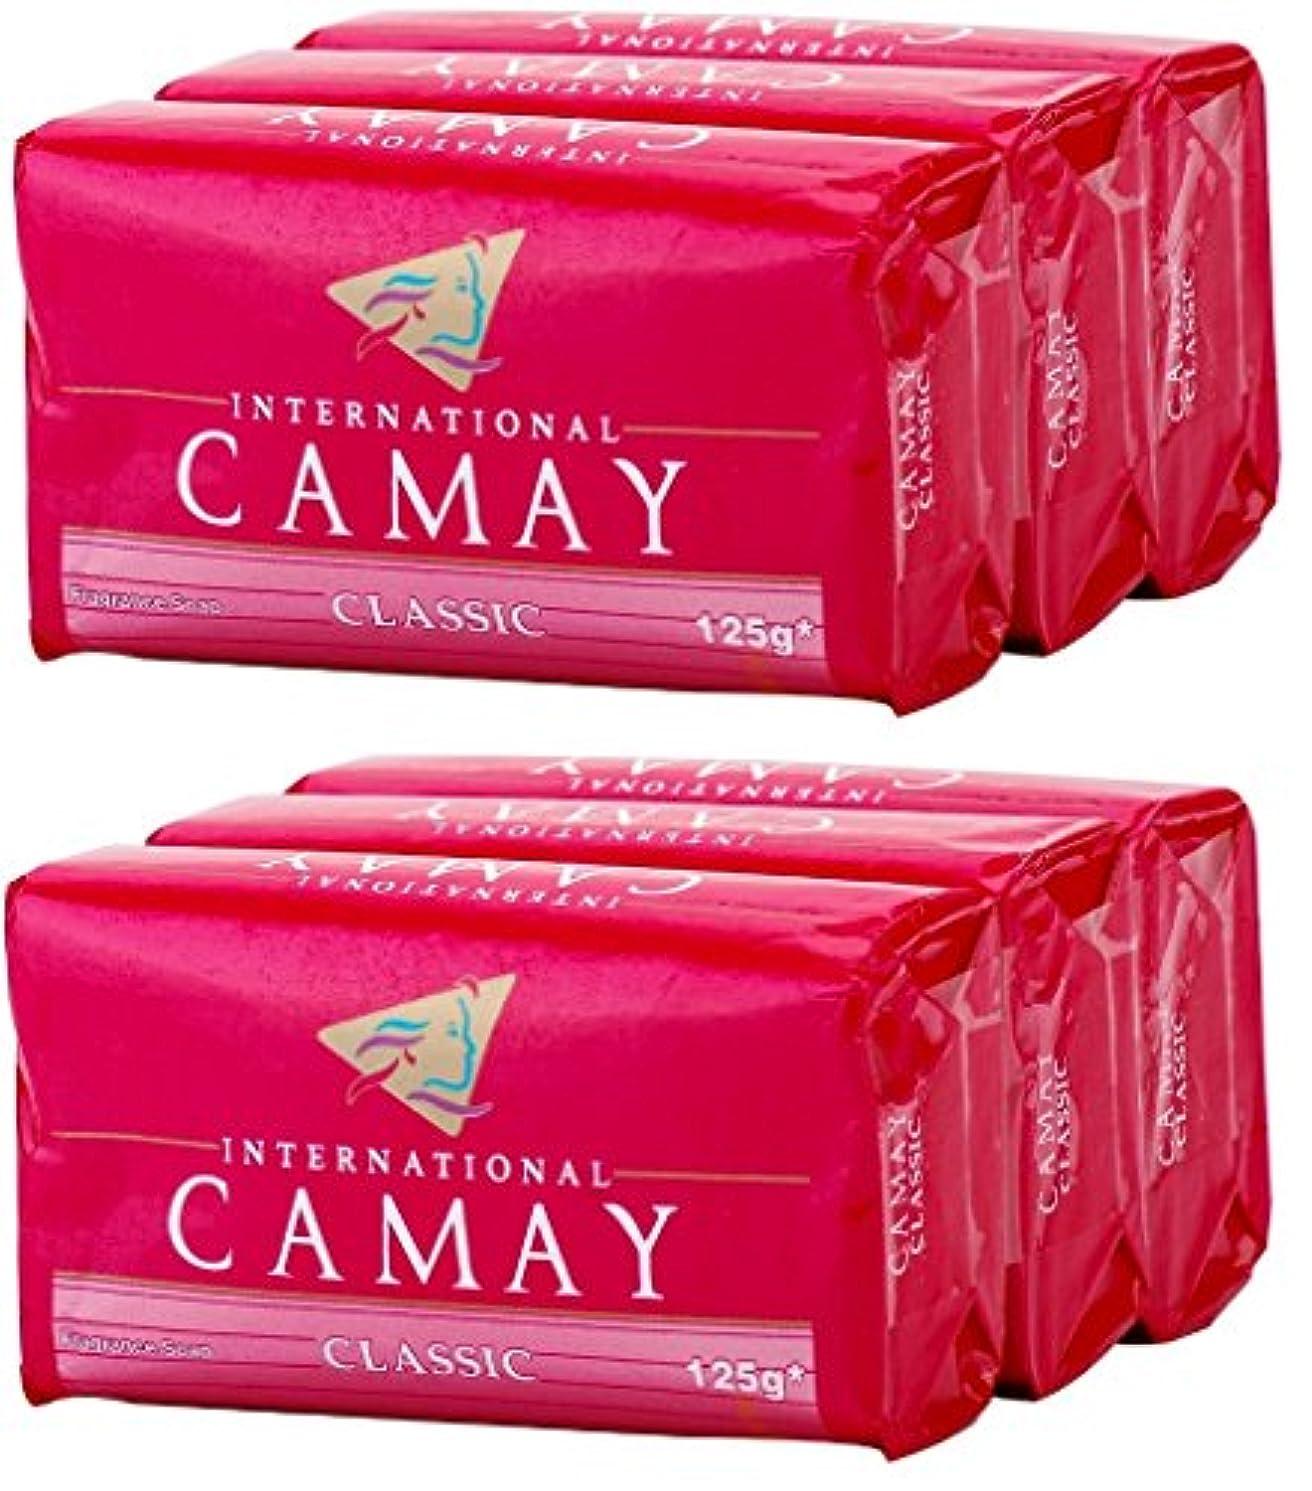 アルコーブ暴君ブルジョンCamay Softly Scented Bath Bar Soap, Classic, 4.0 oz bars, 3 each, by Camay